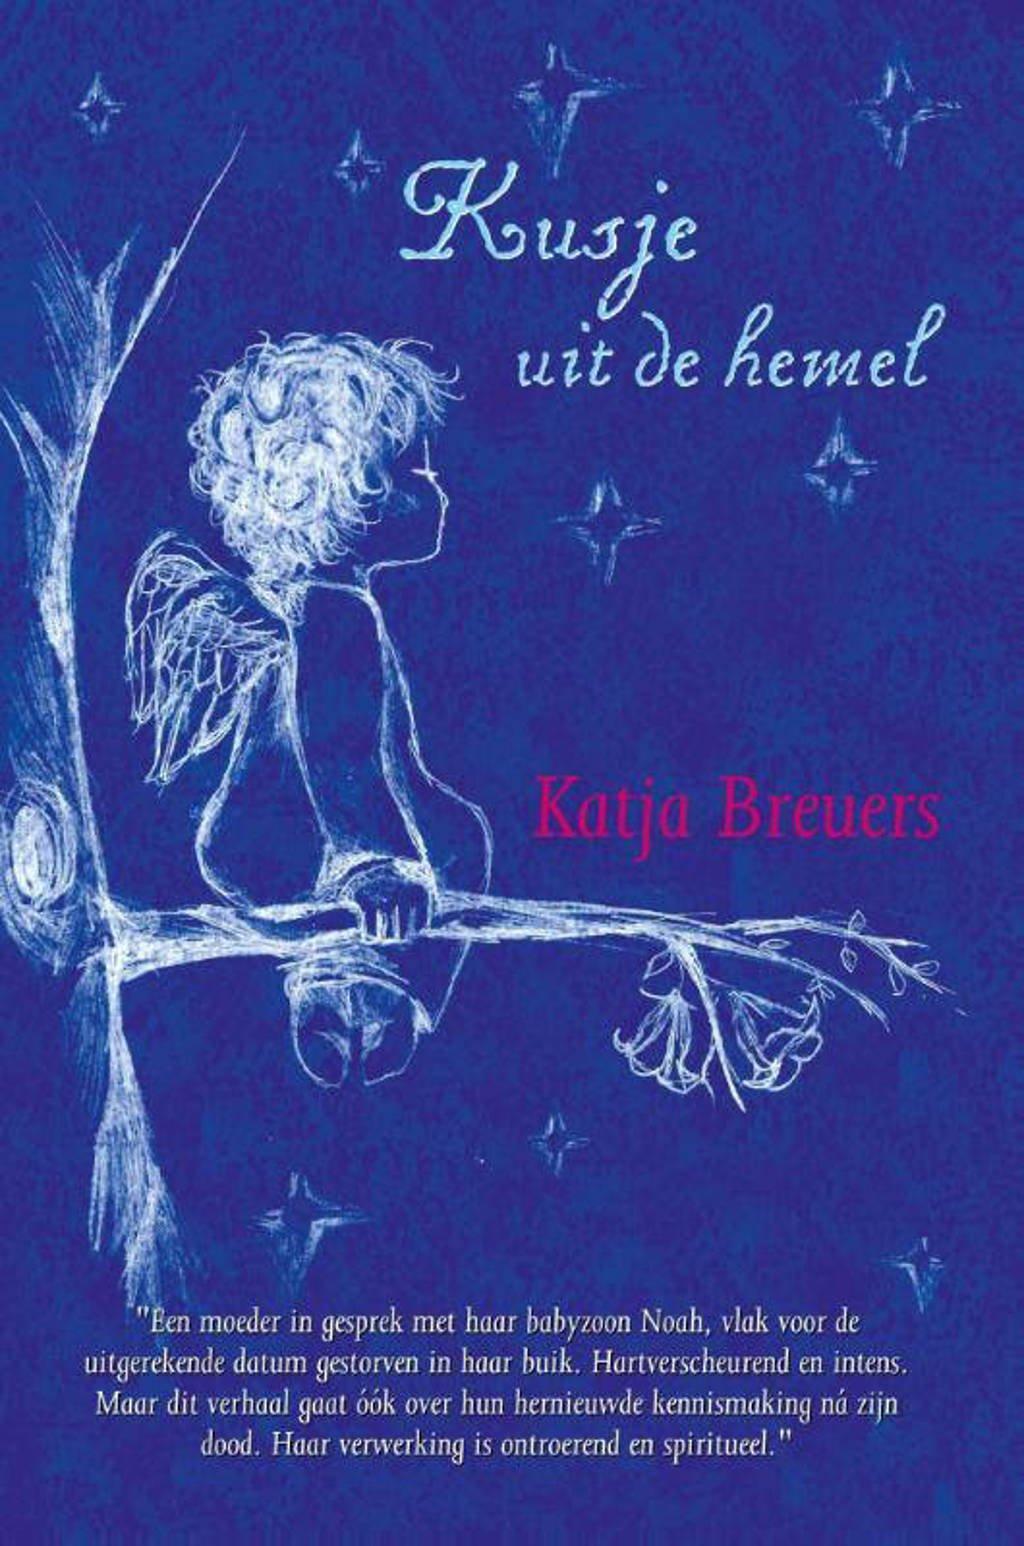 Kusje uit de hemel - Katja Breuers